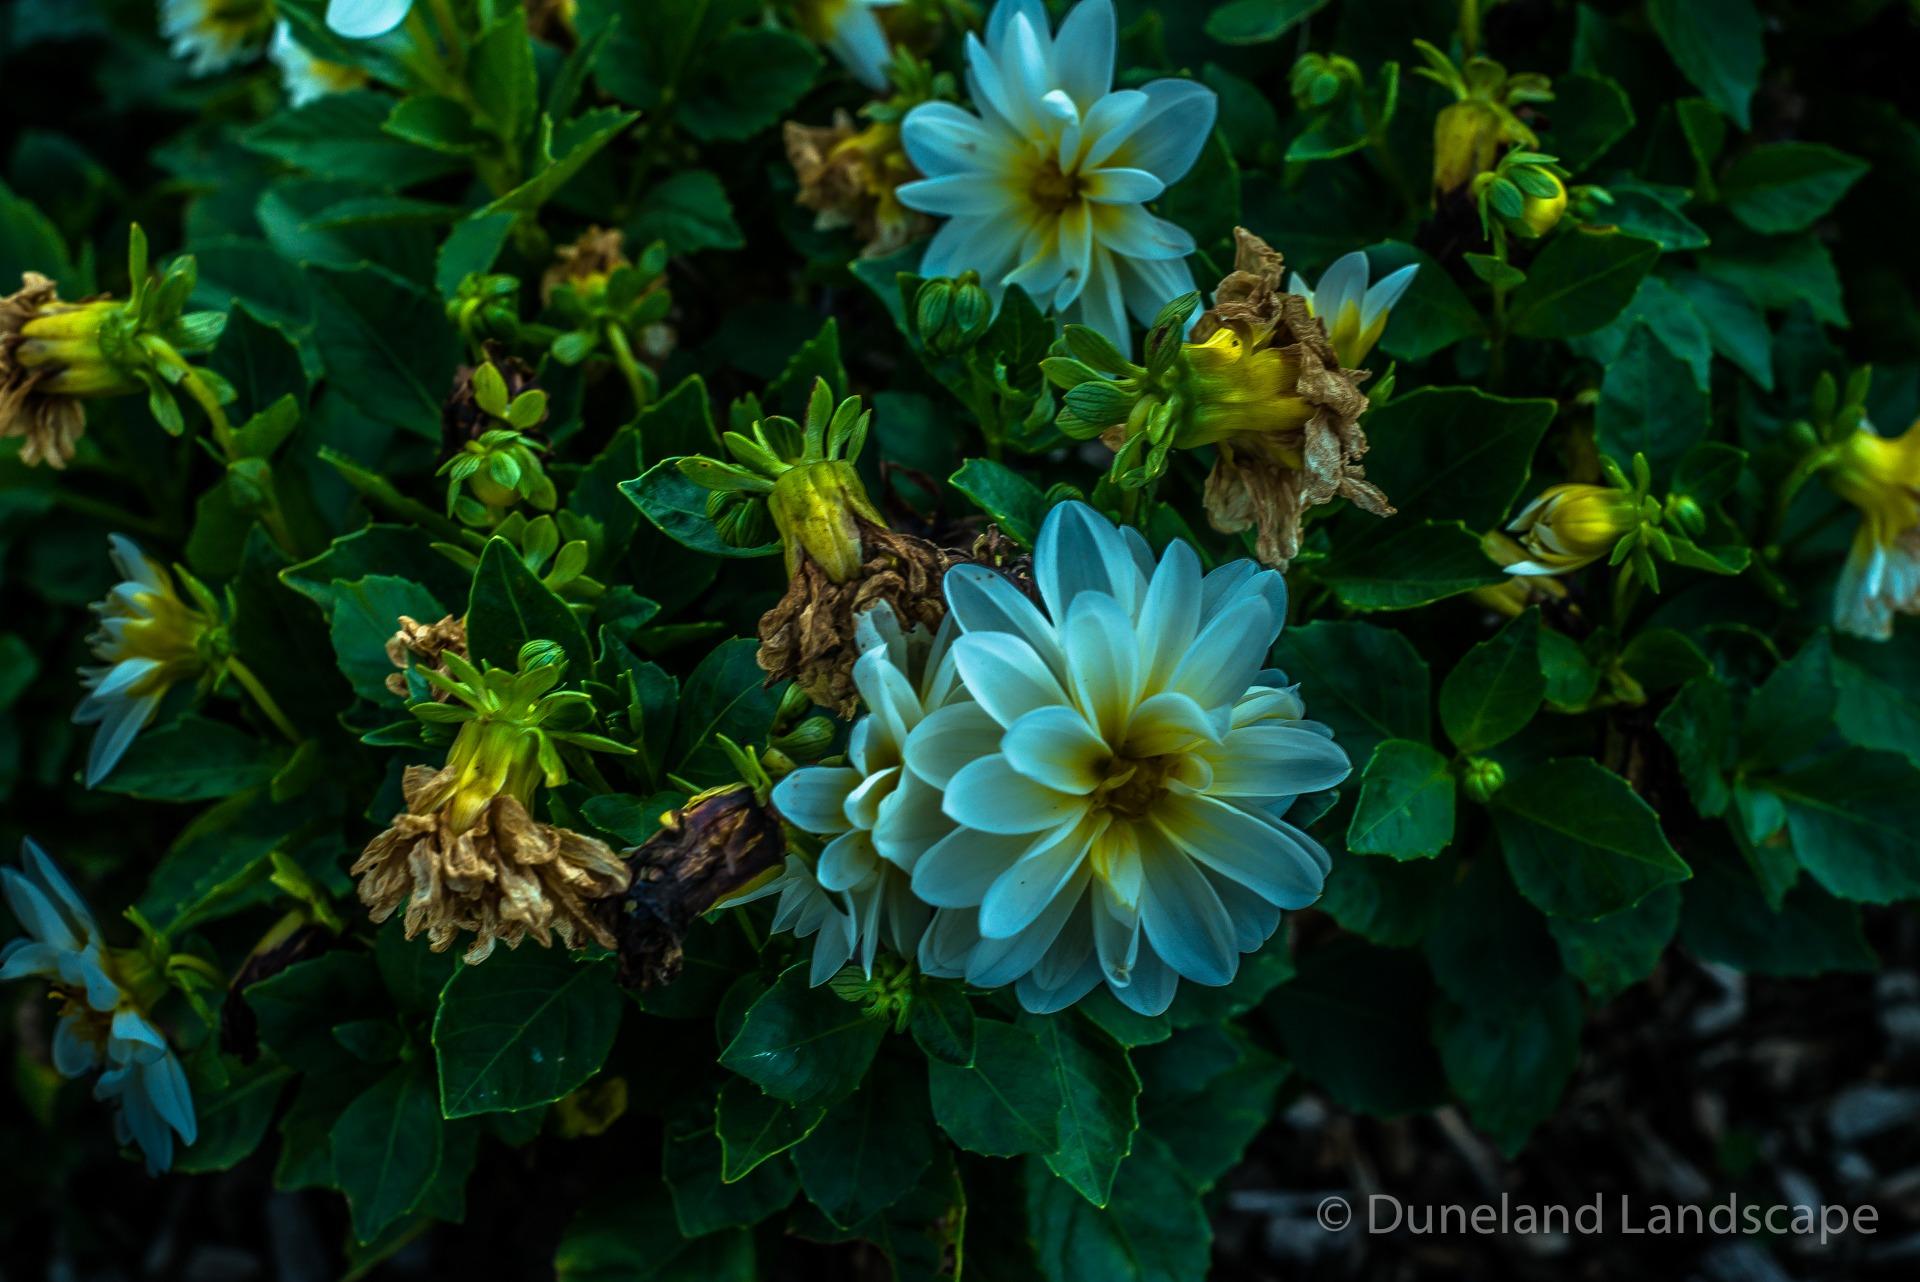 Duneland Landscape's signature blue flowers